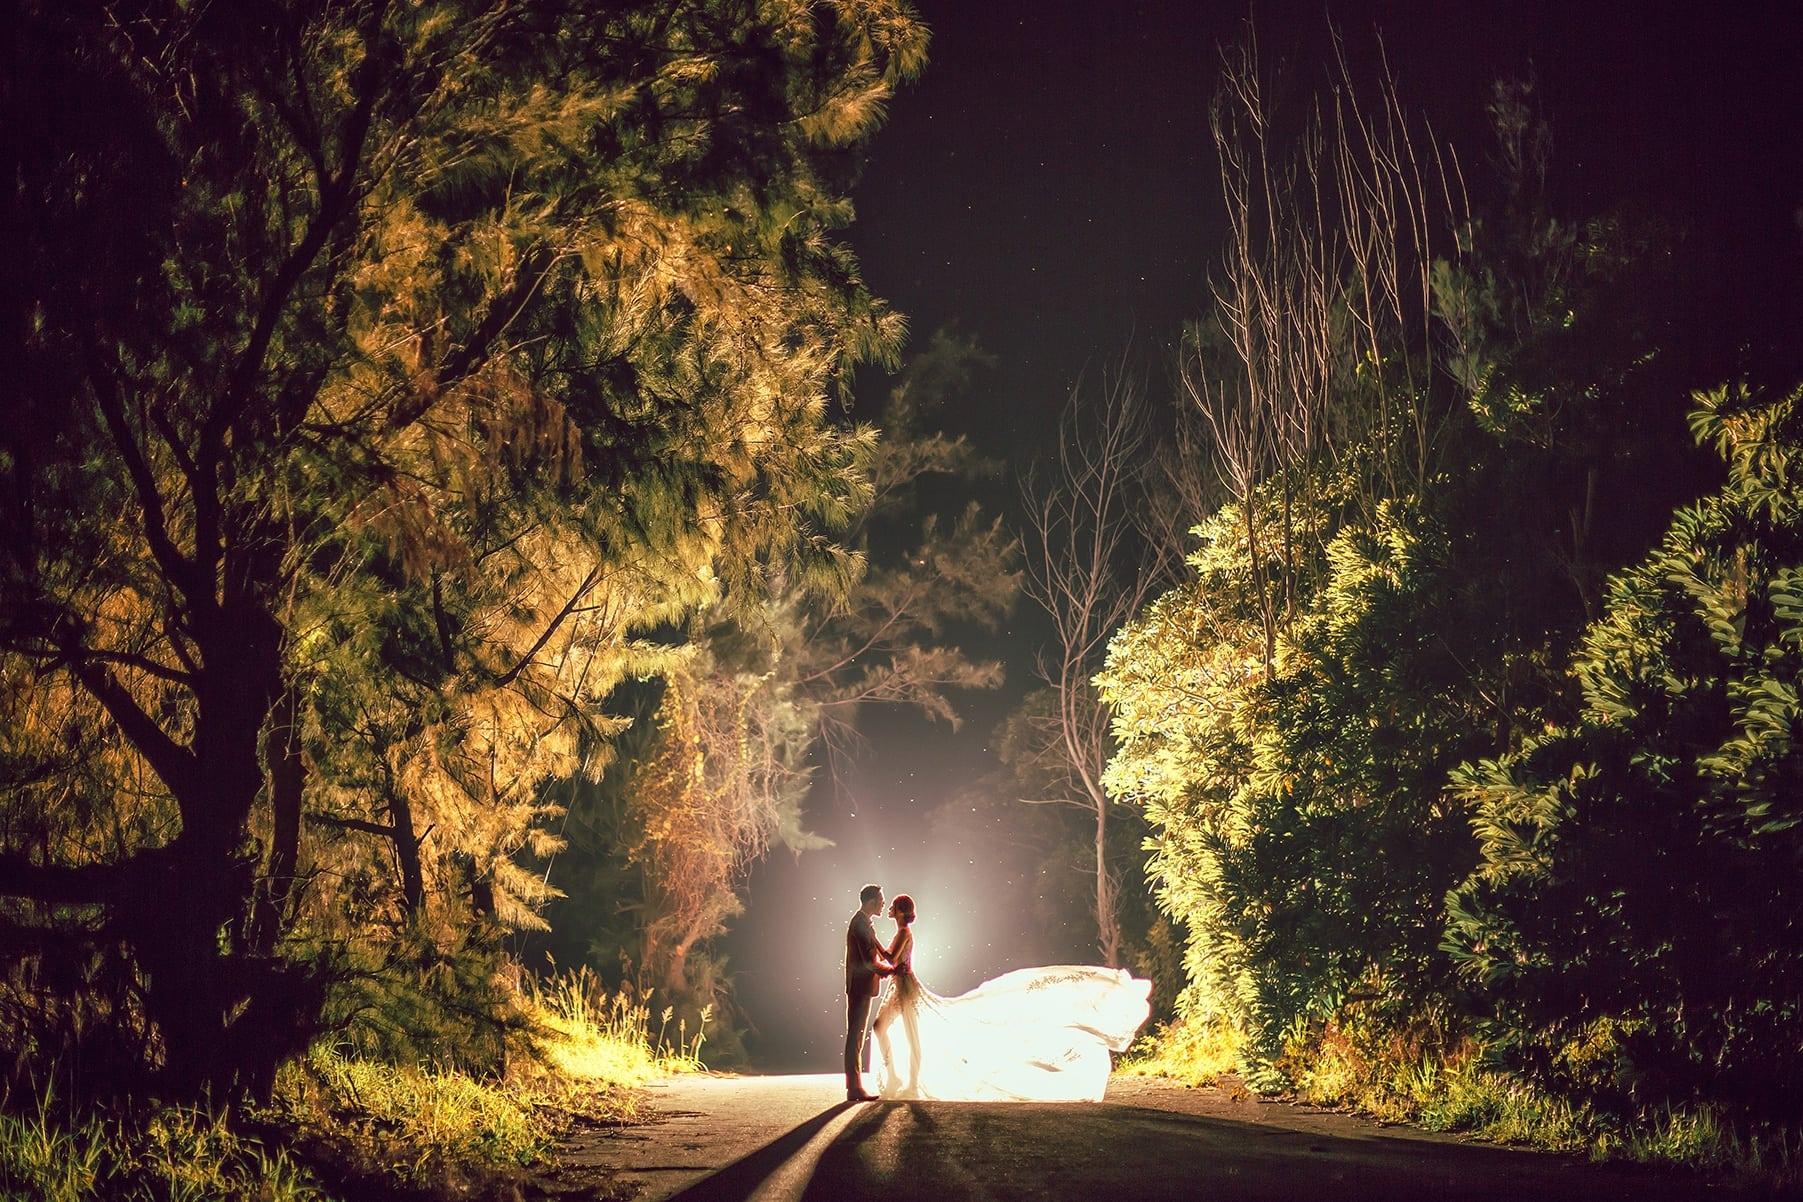 拍攝旗袍婚紗|中國風老塘湖|逆光|中式